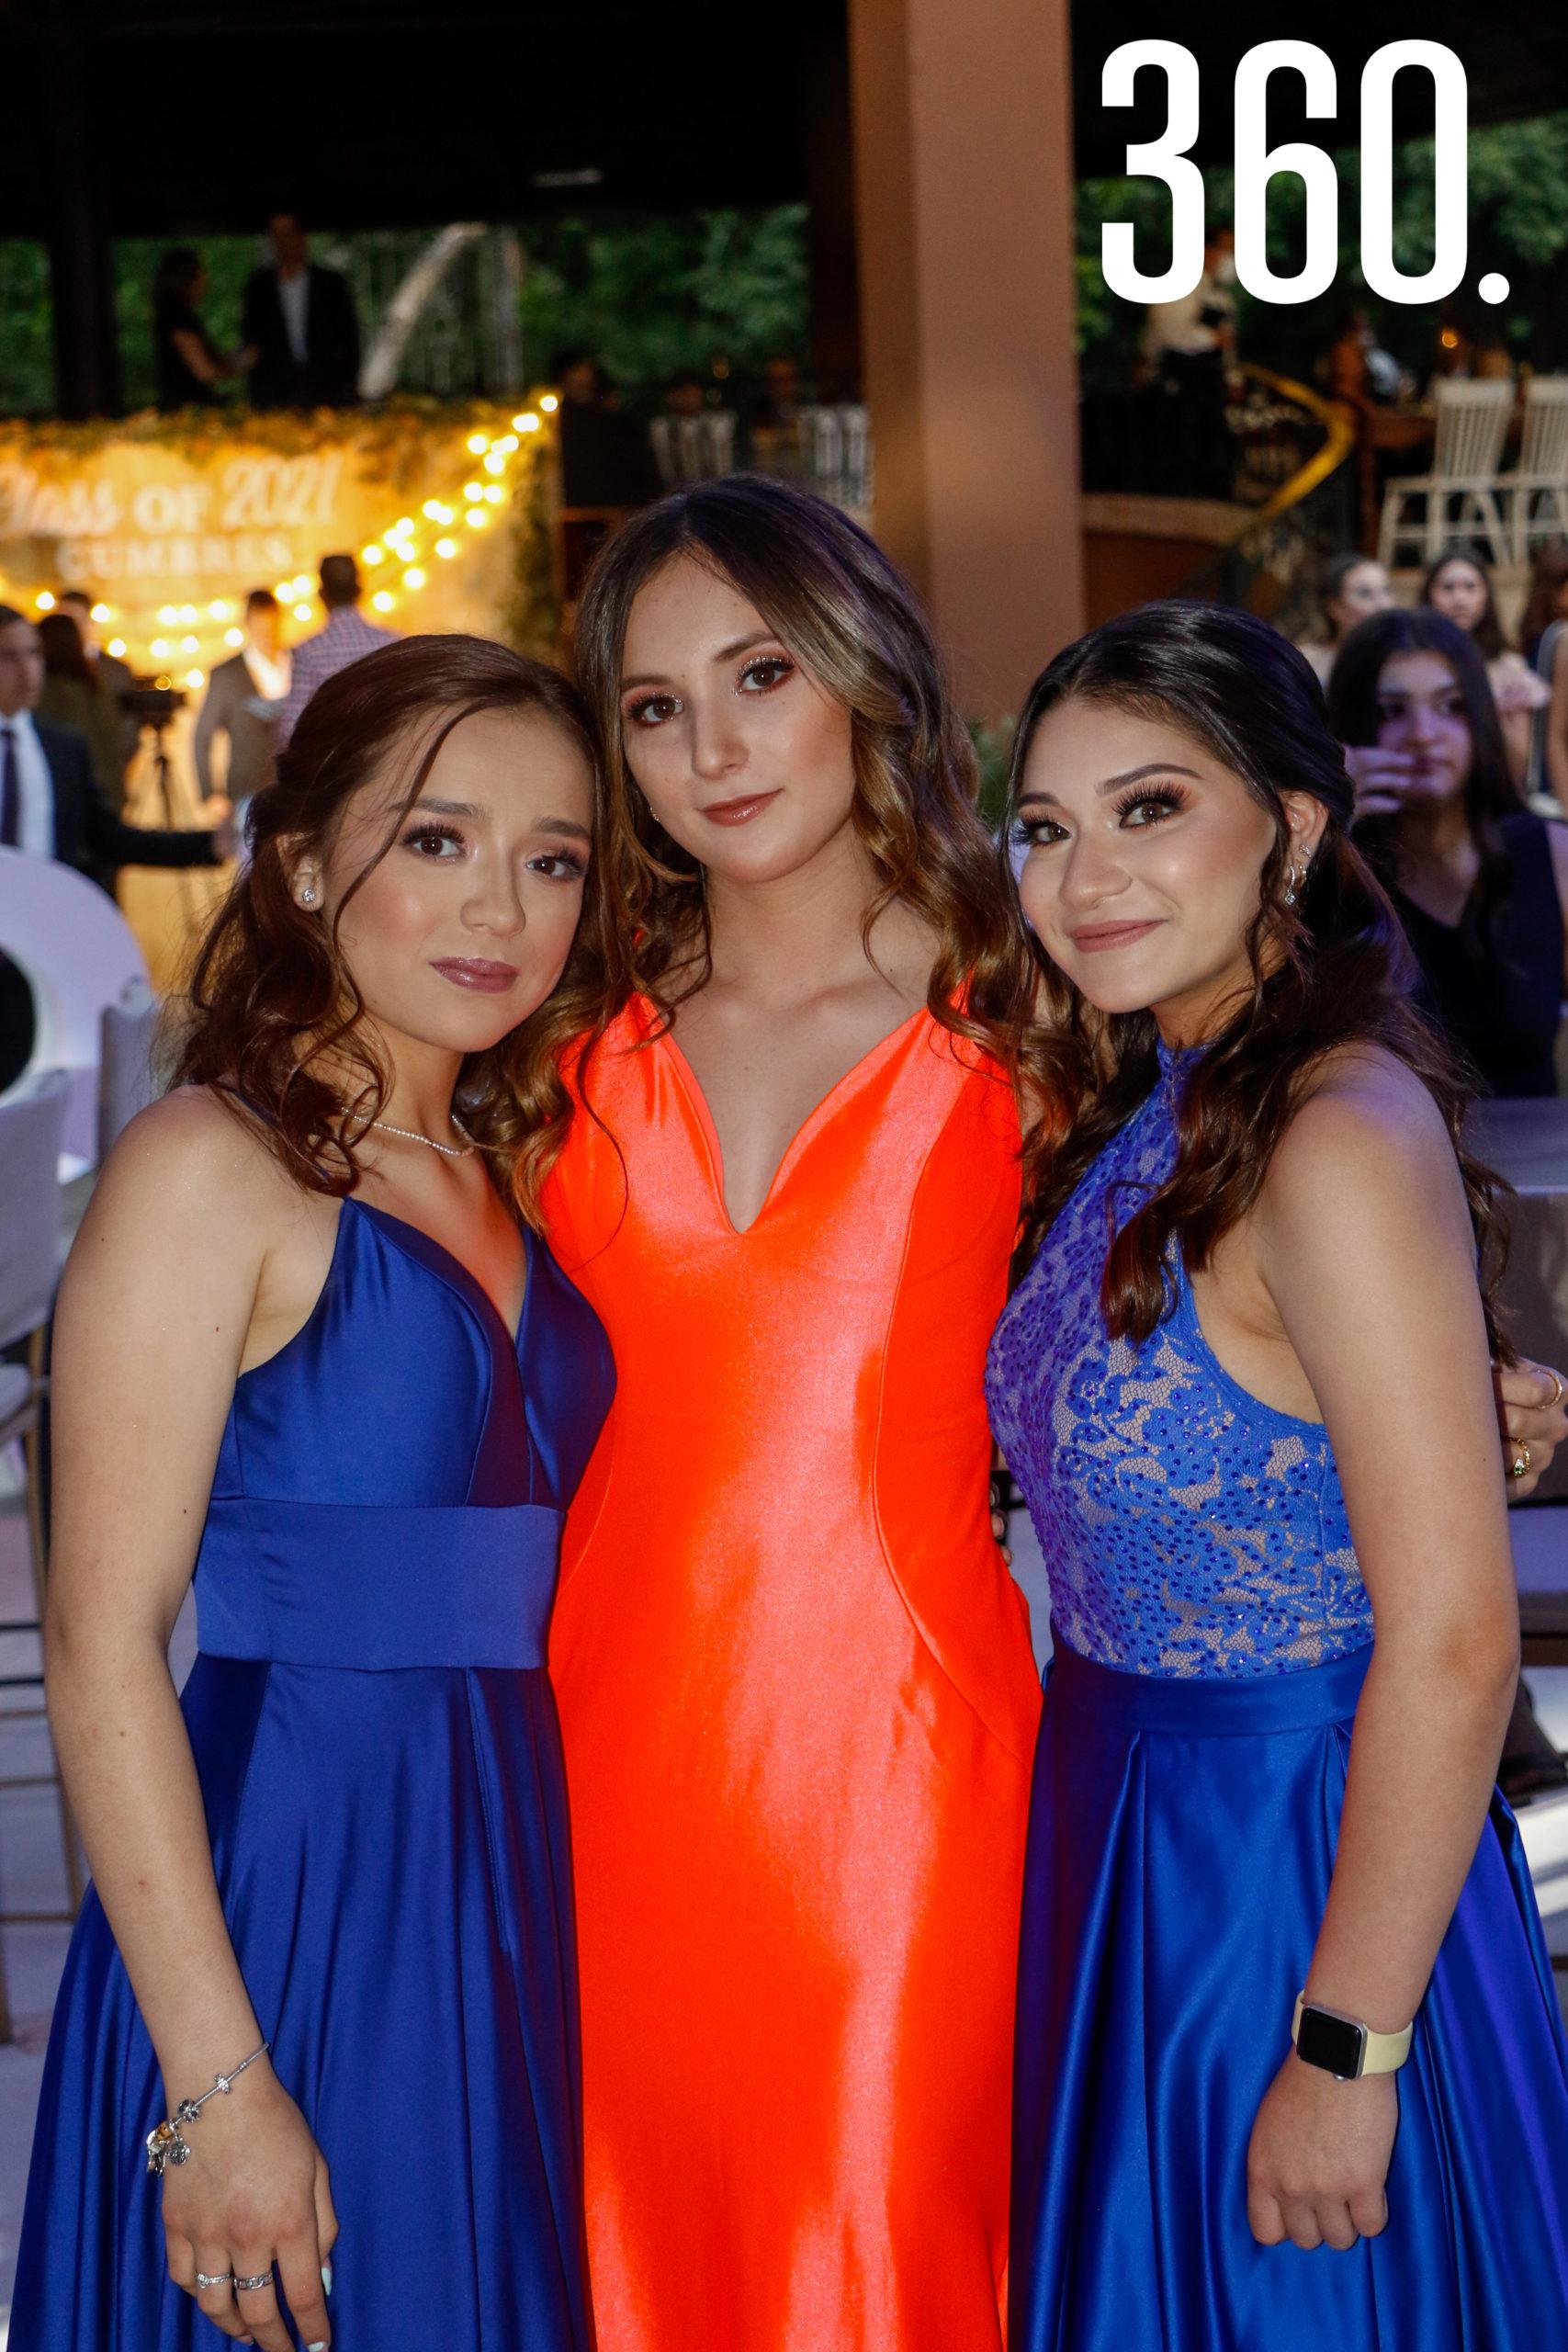 Ana Karla Cantú, Ania Padilla y Ximena González.